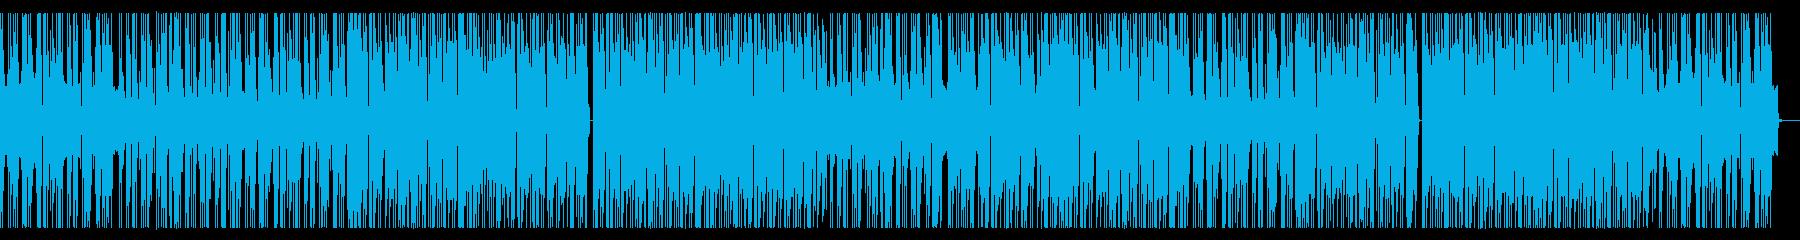 HIPHOP調のオープニングの再生済みの波形